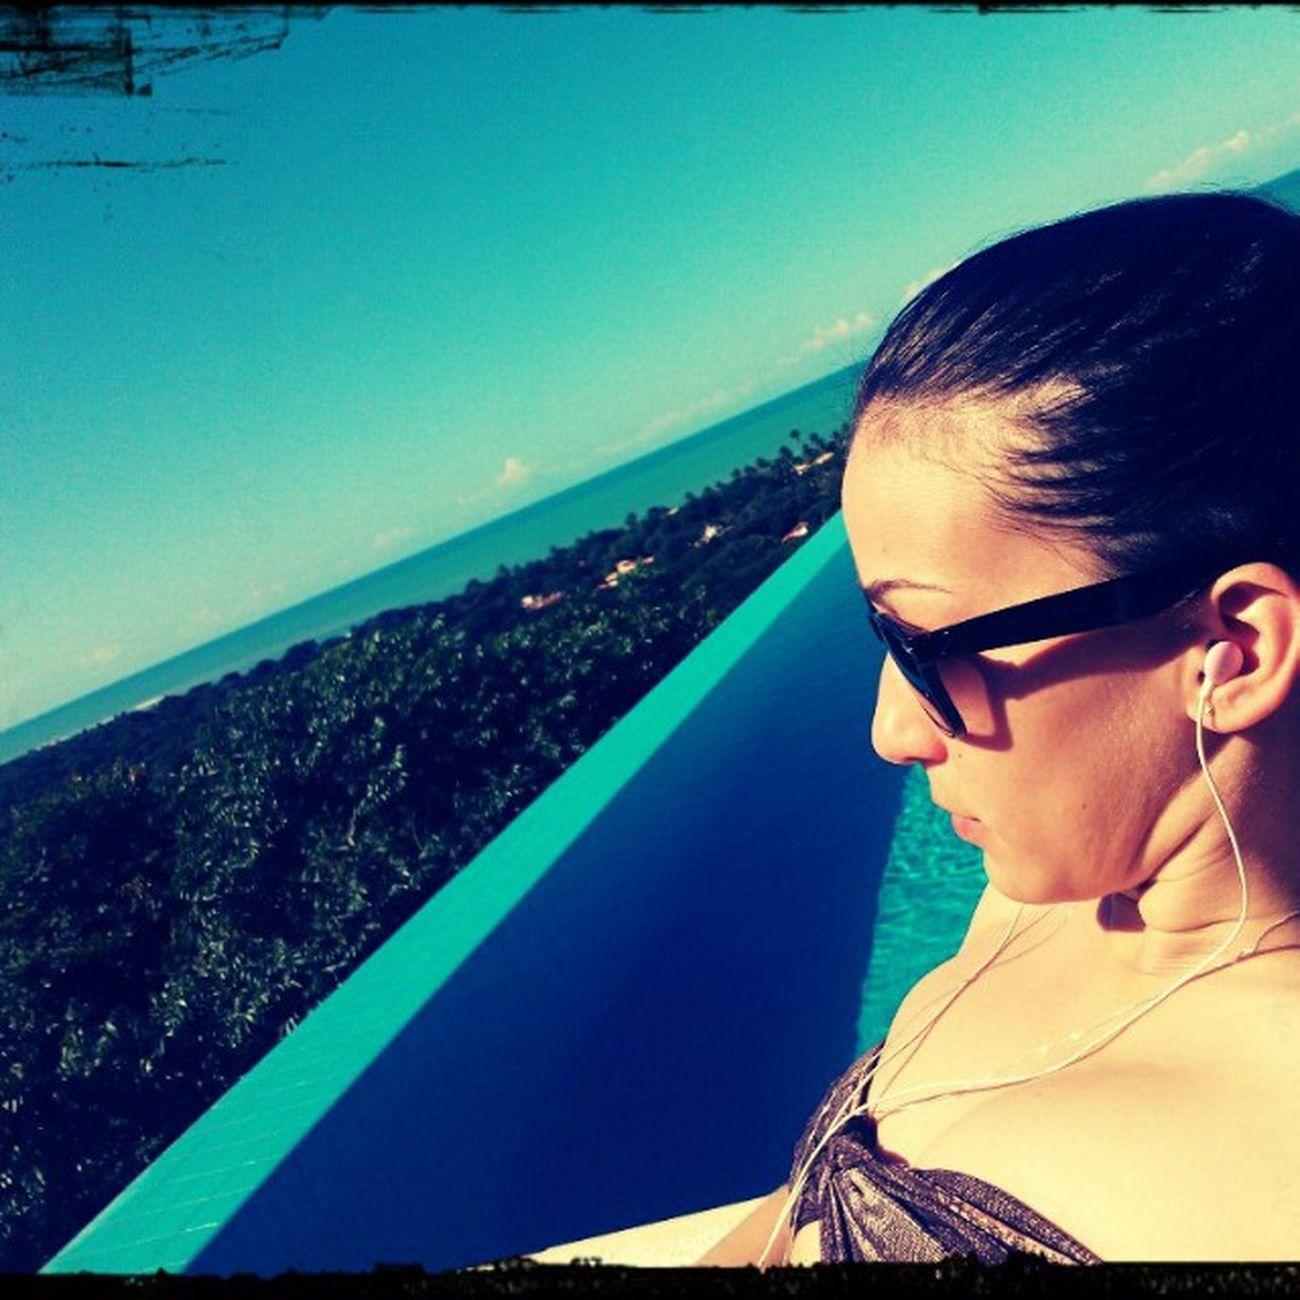 ❤ Bahia ❤ Eu volto ❤ Bahia Bahiadetodosossantos Praia Summertime summerdays miniferias 2013 missyou alone feliz pontearea beachday poolday